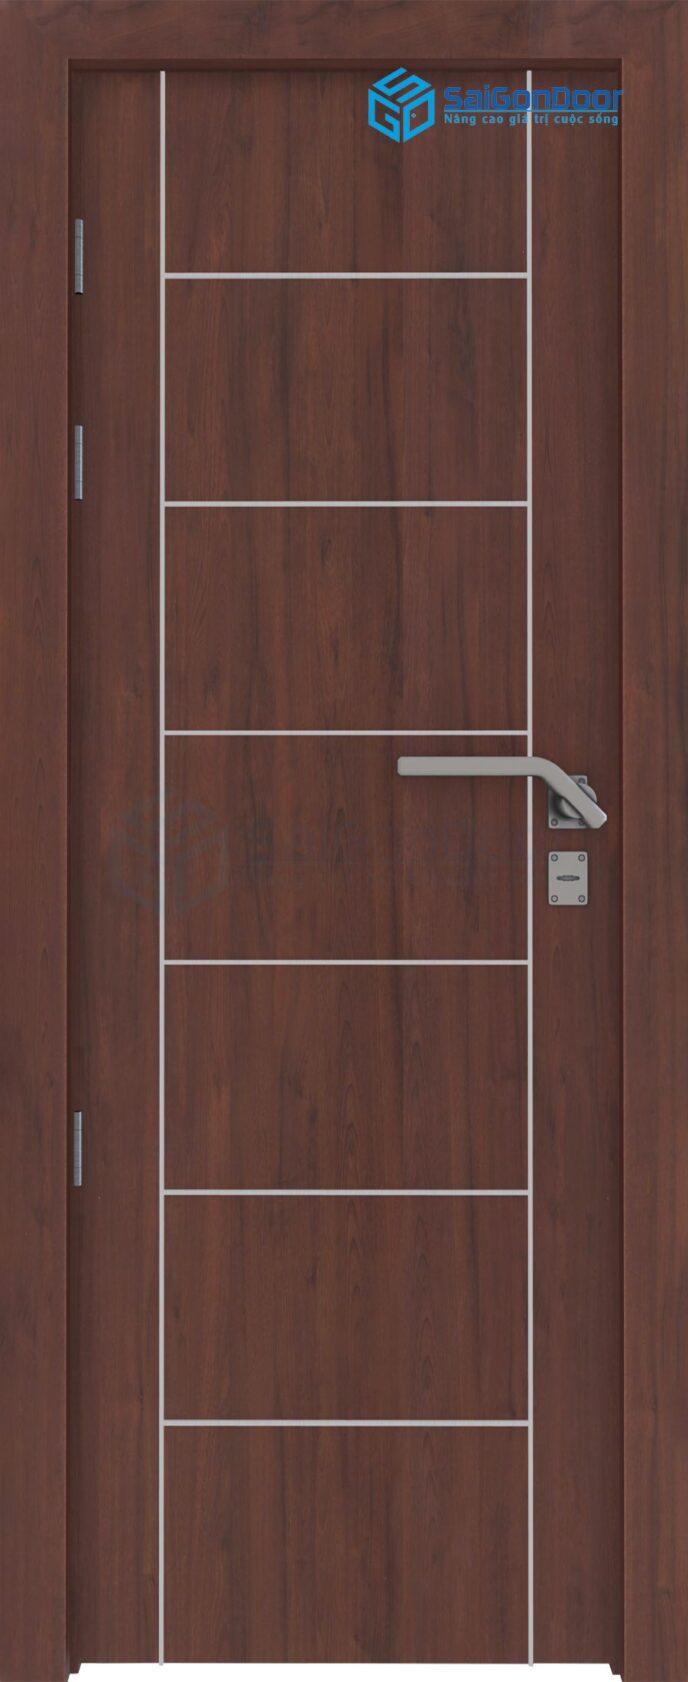 Cửa gỗ cao cấp P1R8